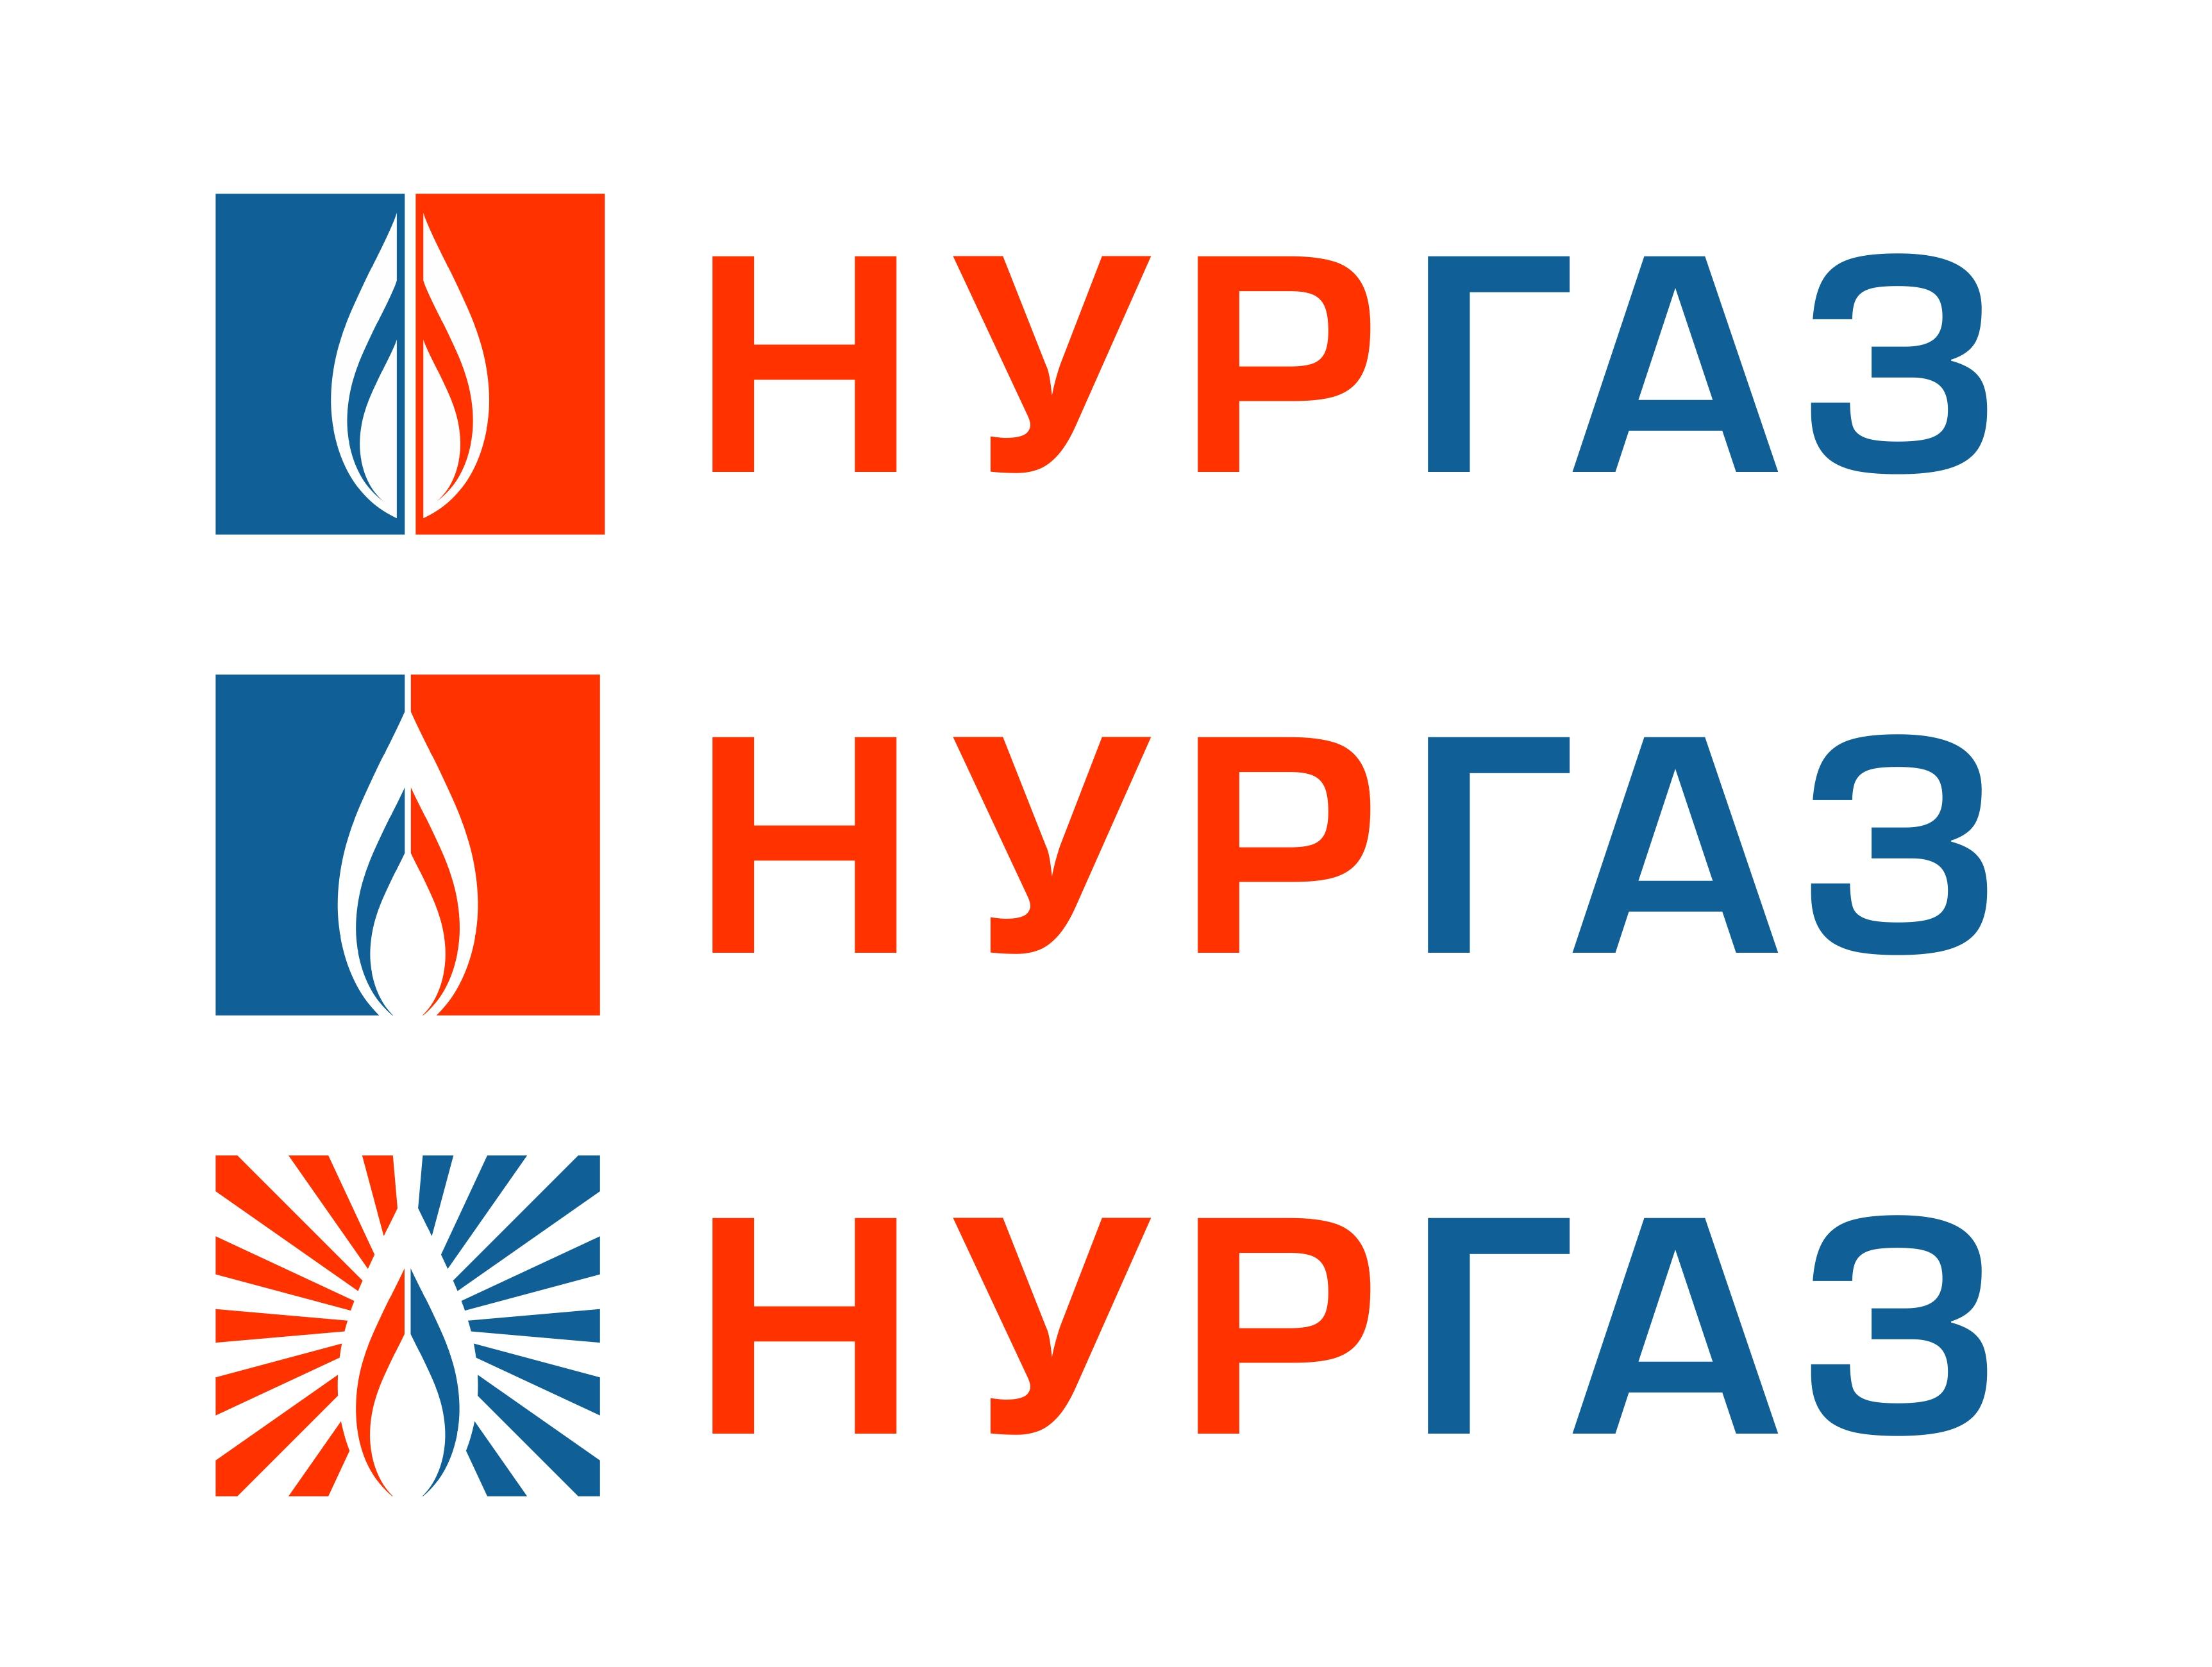 Разработка логотипа и фирменного стиля фото f_1315d999edd39410.jpg